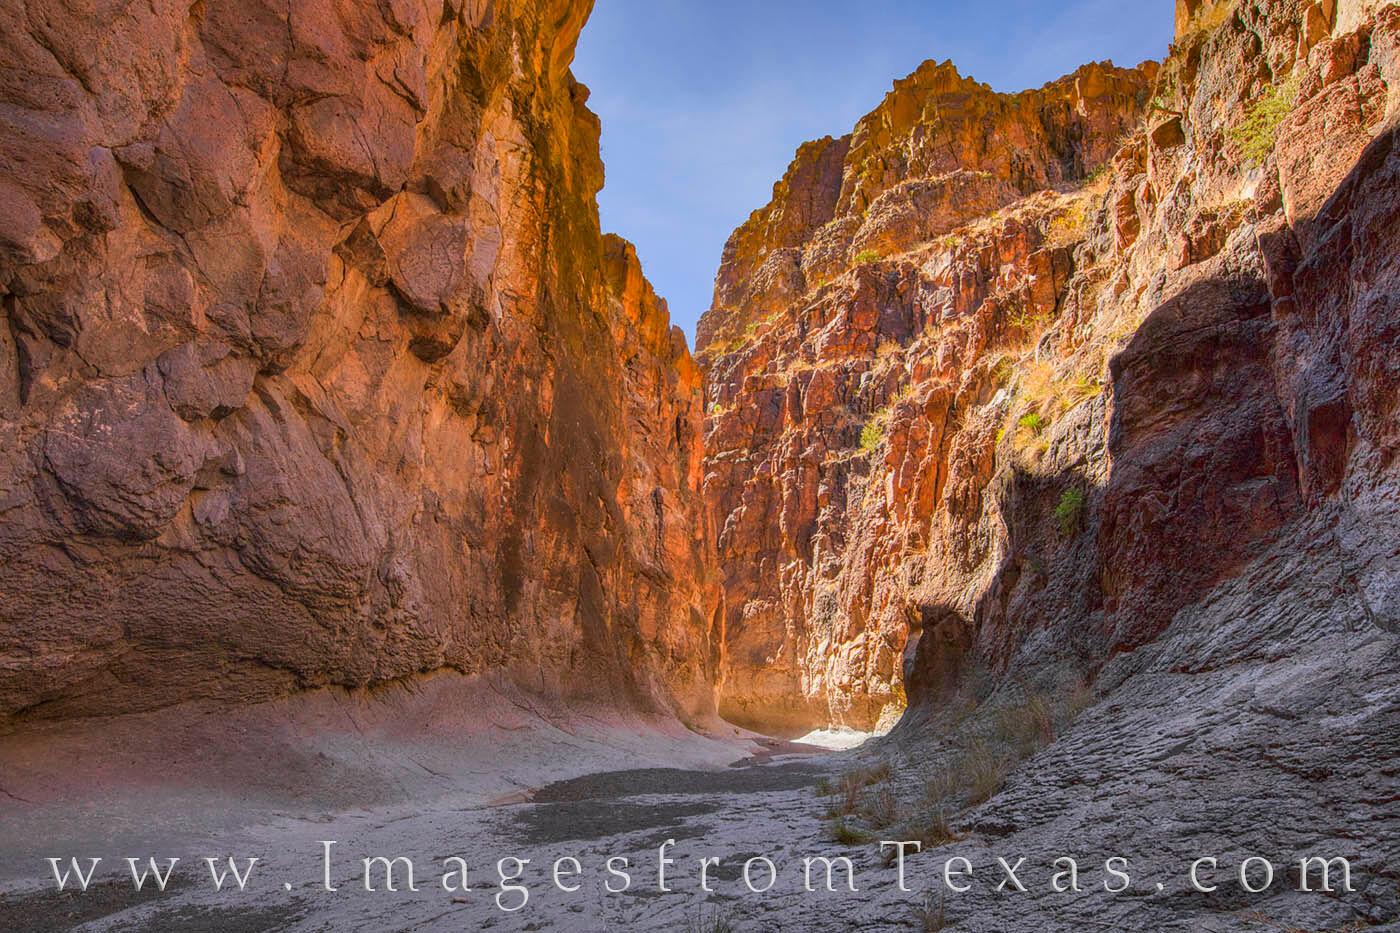 closed canyon, slot canyon, texas slot canyon, big bend ranch, hiking texas, west texas, canyons, photo